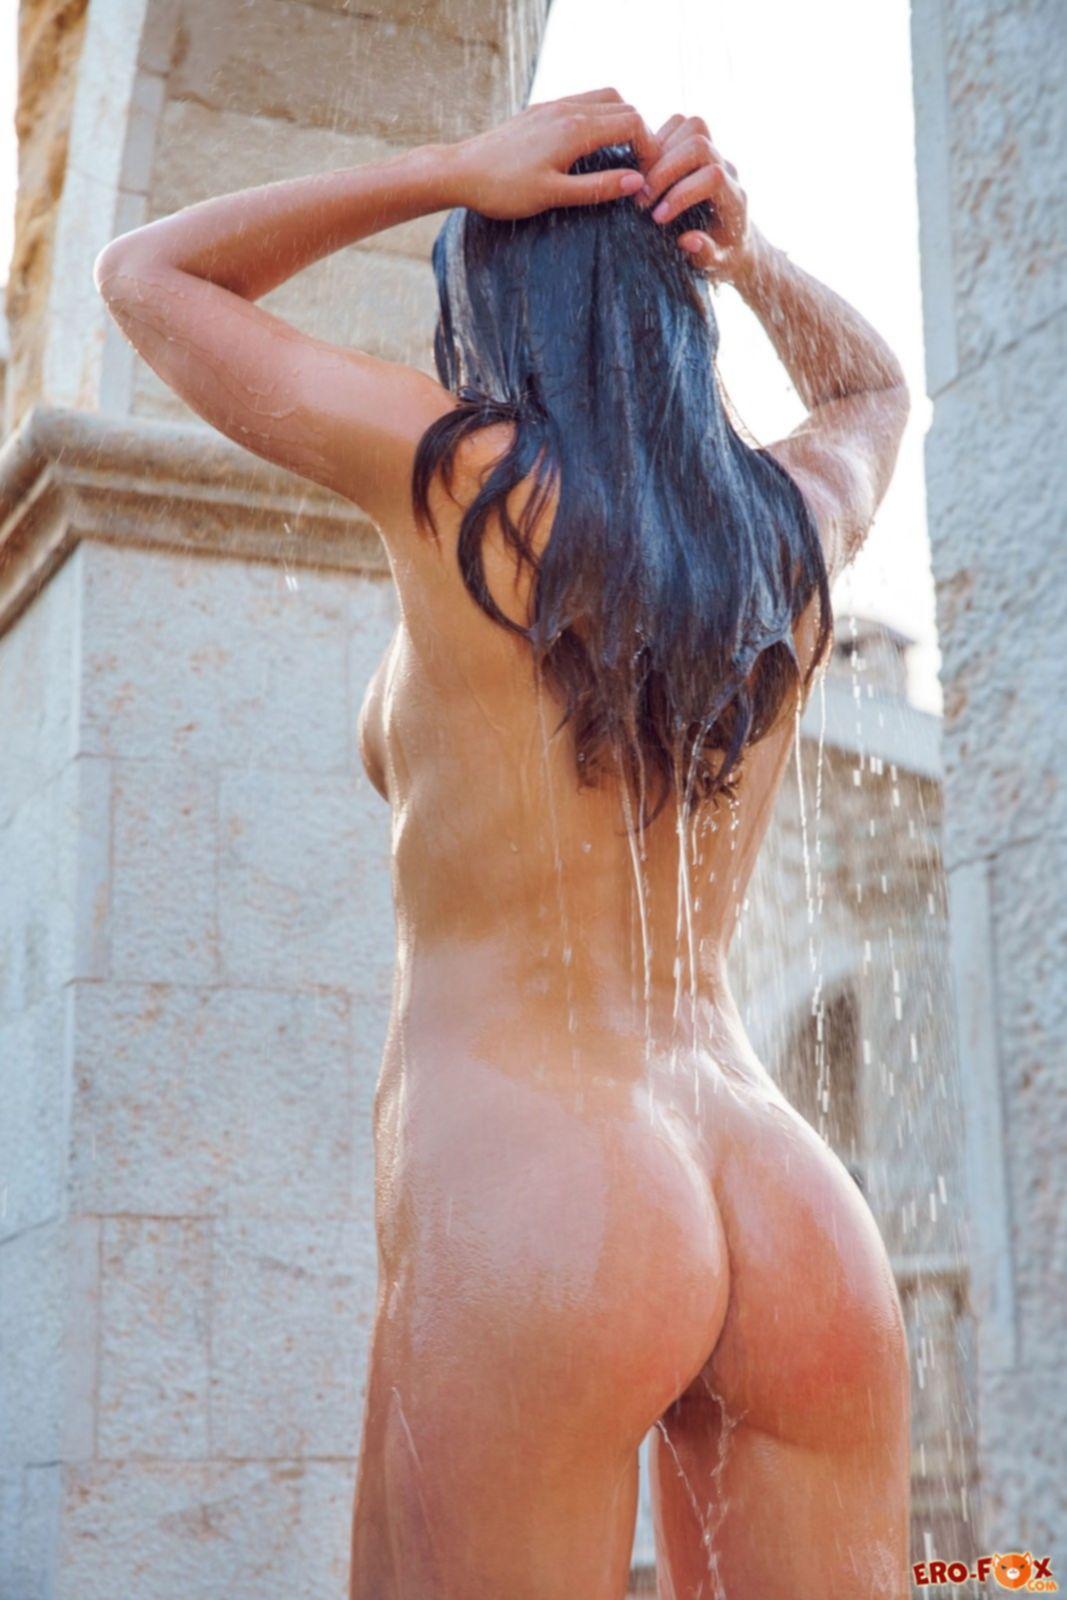 Худая голая брюнетка моется в душе - фото